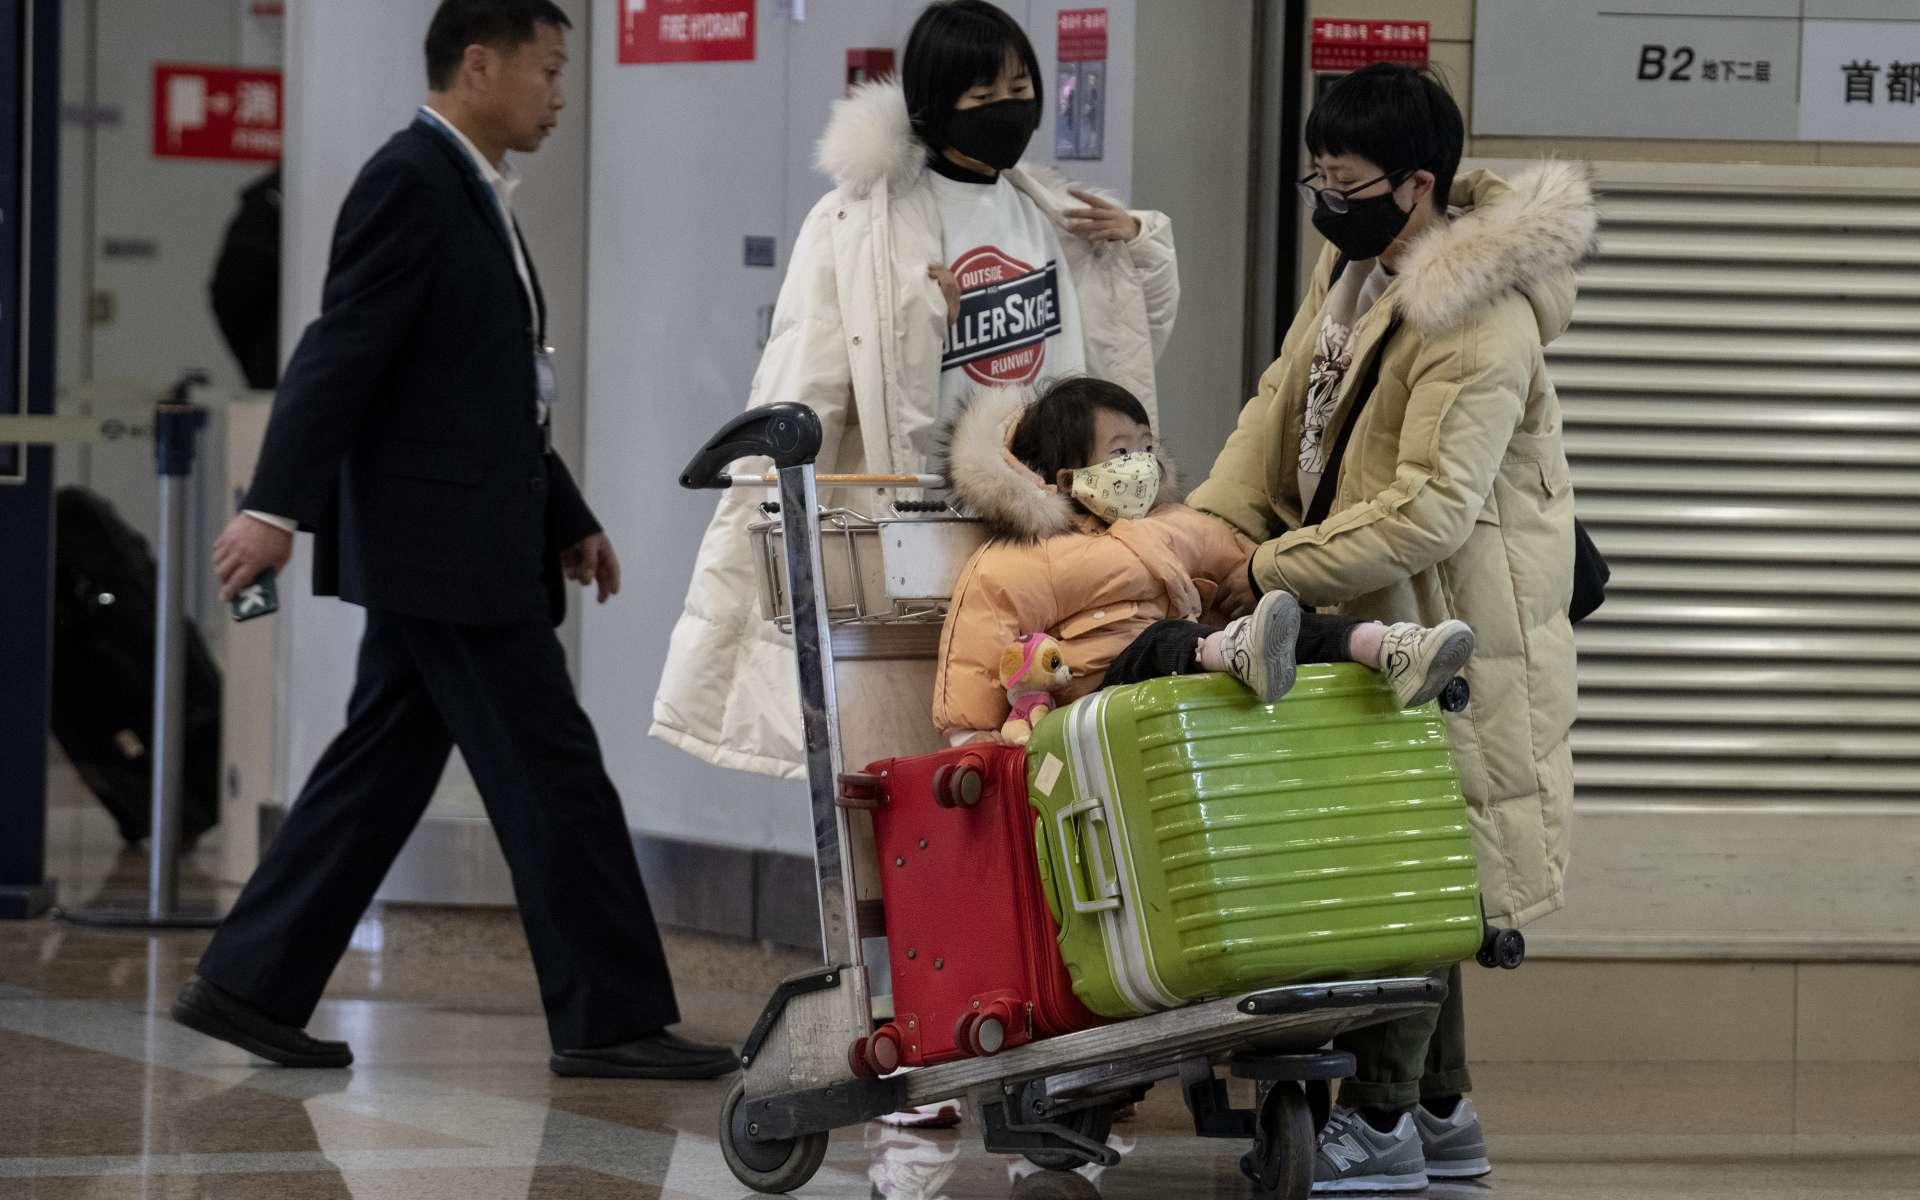 Le virus incriminé a déjà causé la mort de 9 personnes. © Noël Celis, AFP